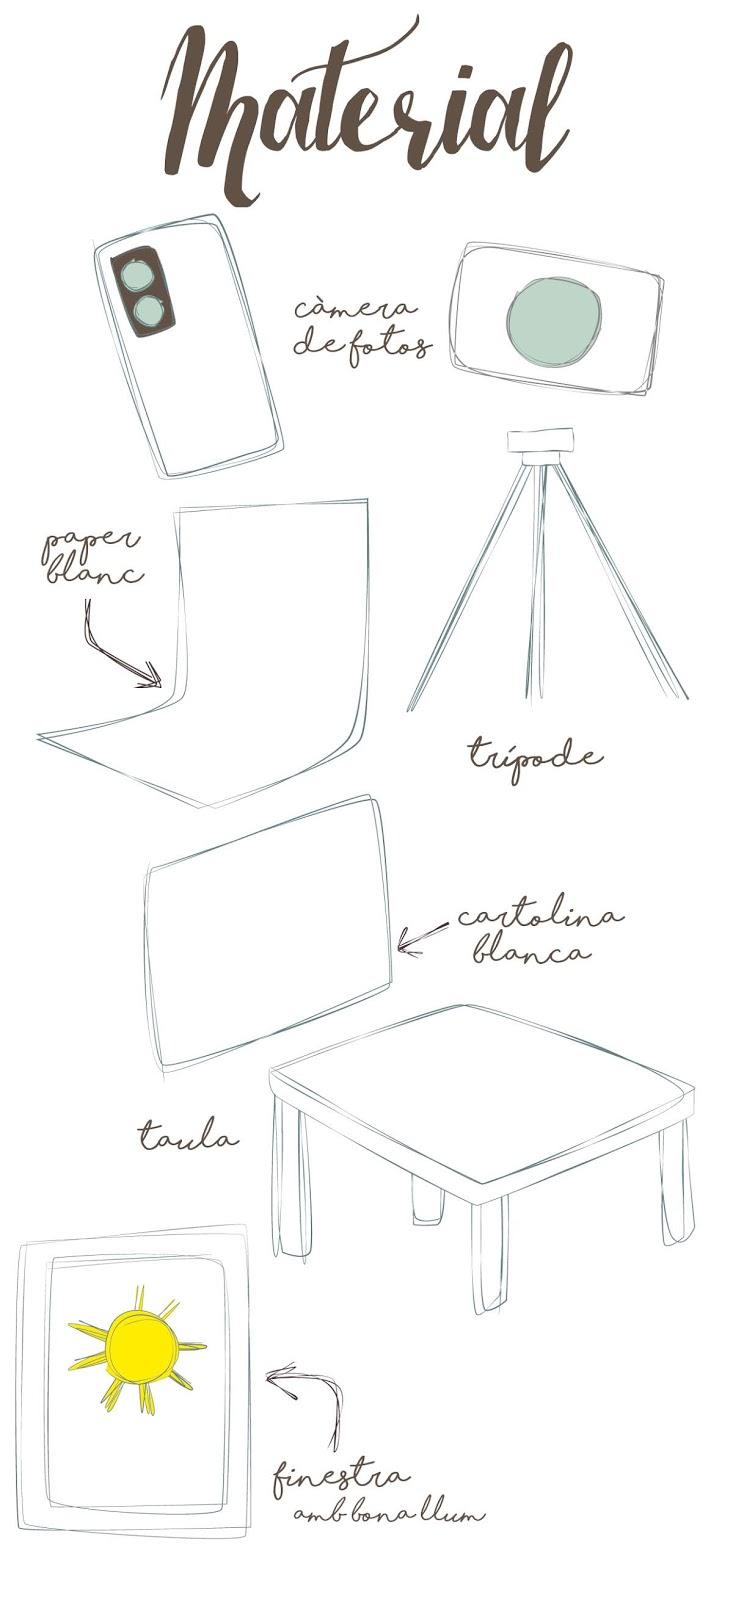 Creació de continguts visuals